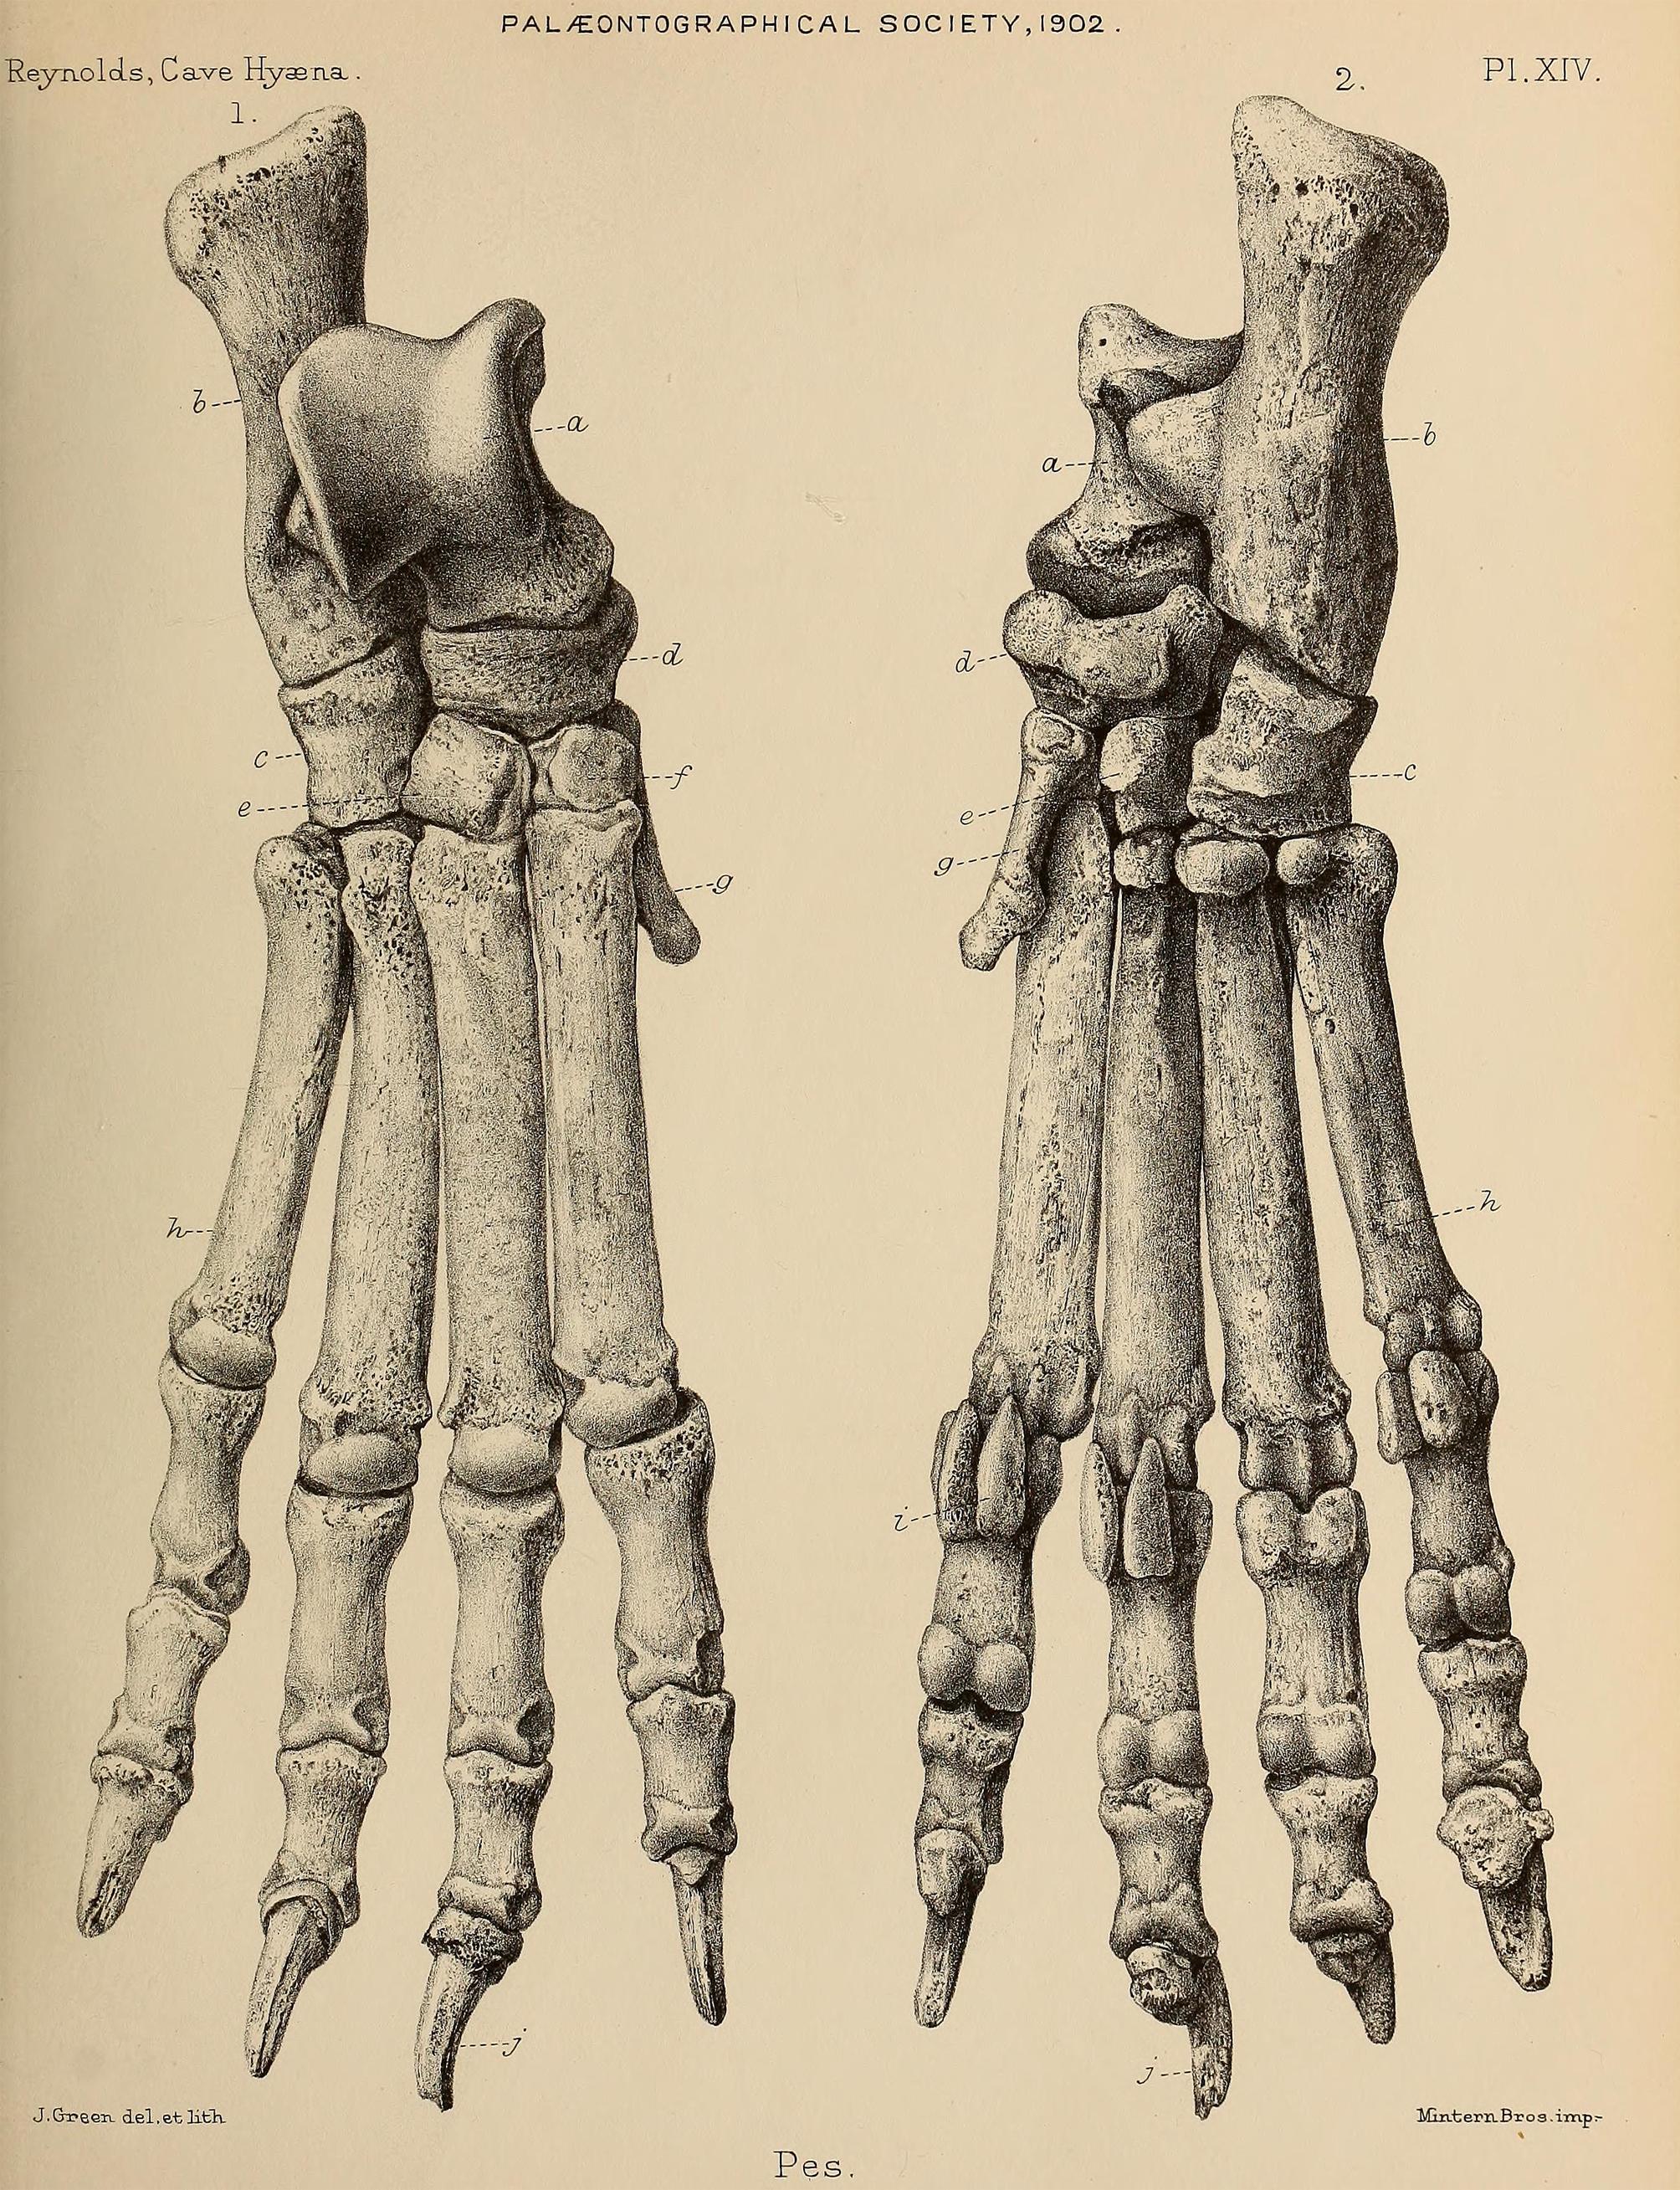 http://upload.wikimedia.org/wikipedia/commons/a/a9/British_Pleistocene_Mammalia_%281866%29_Cave_Hyena_Pes_1.png